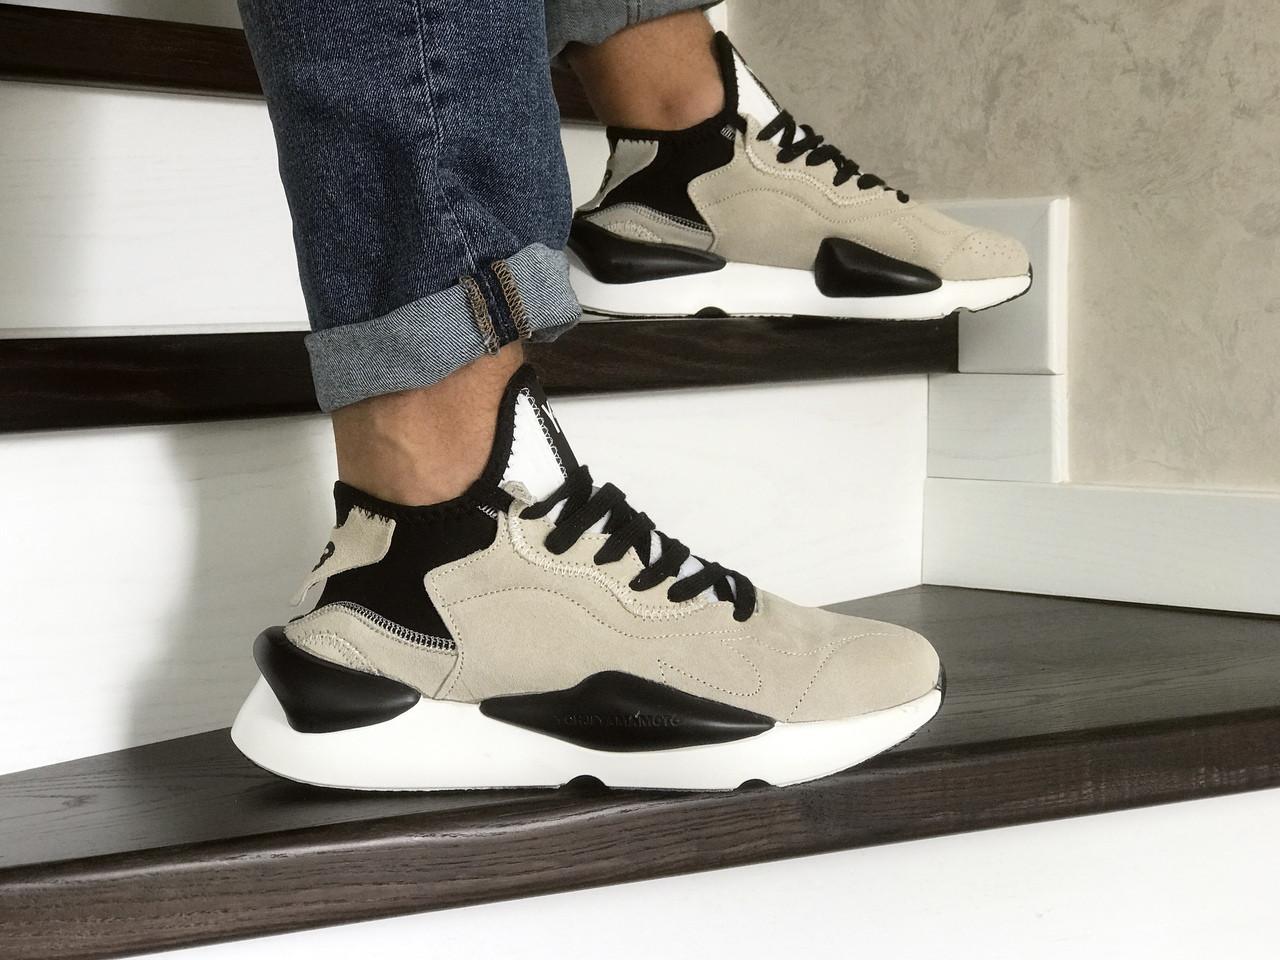 Кросівки чоловічі Adidas Y-3 Kaiwa,бежеві з чорним